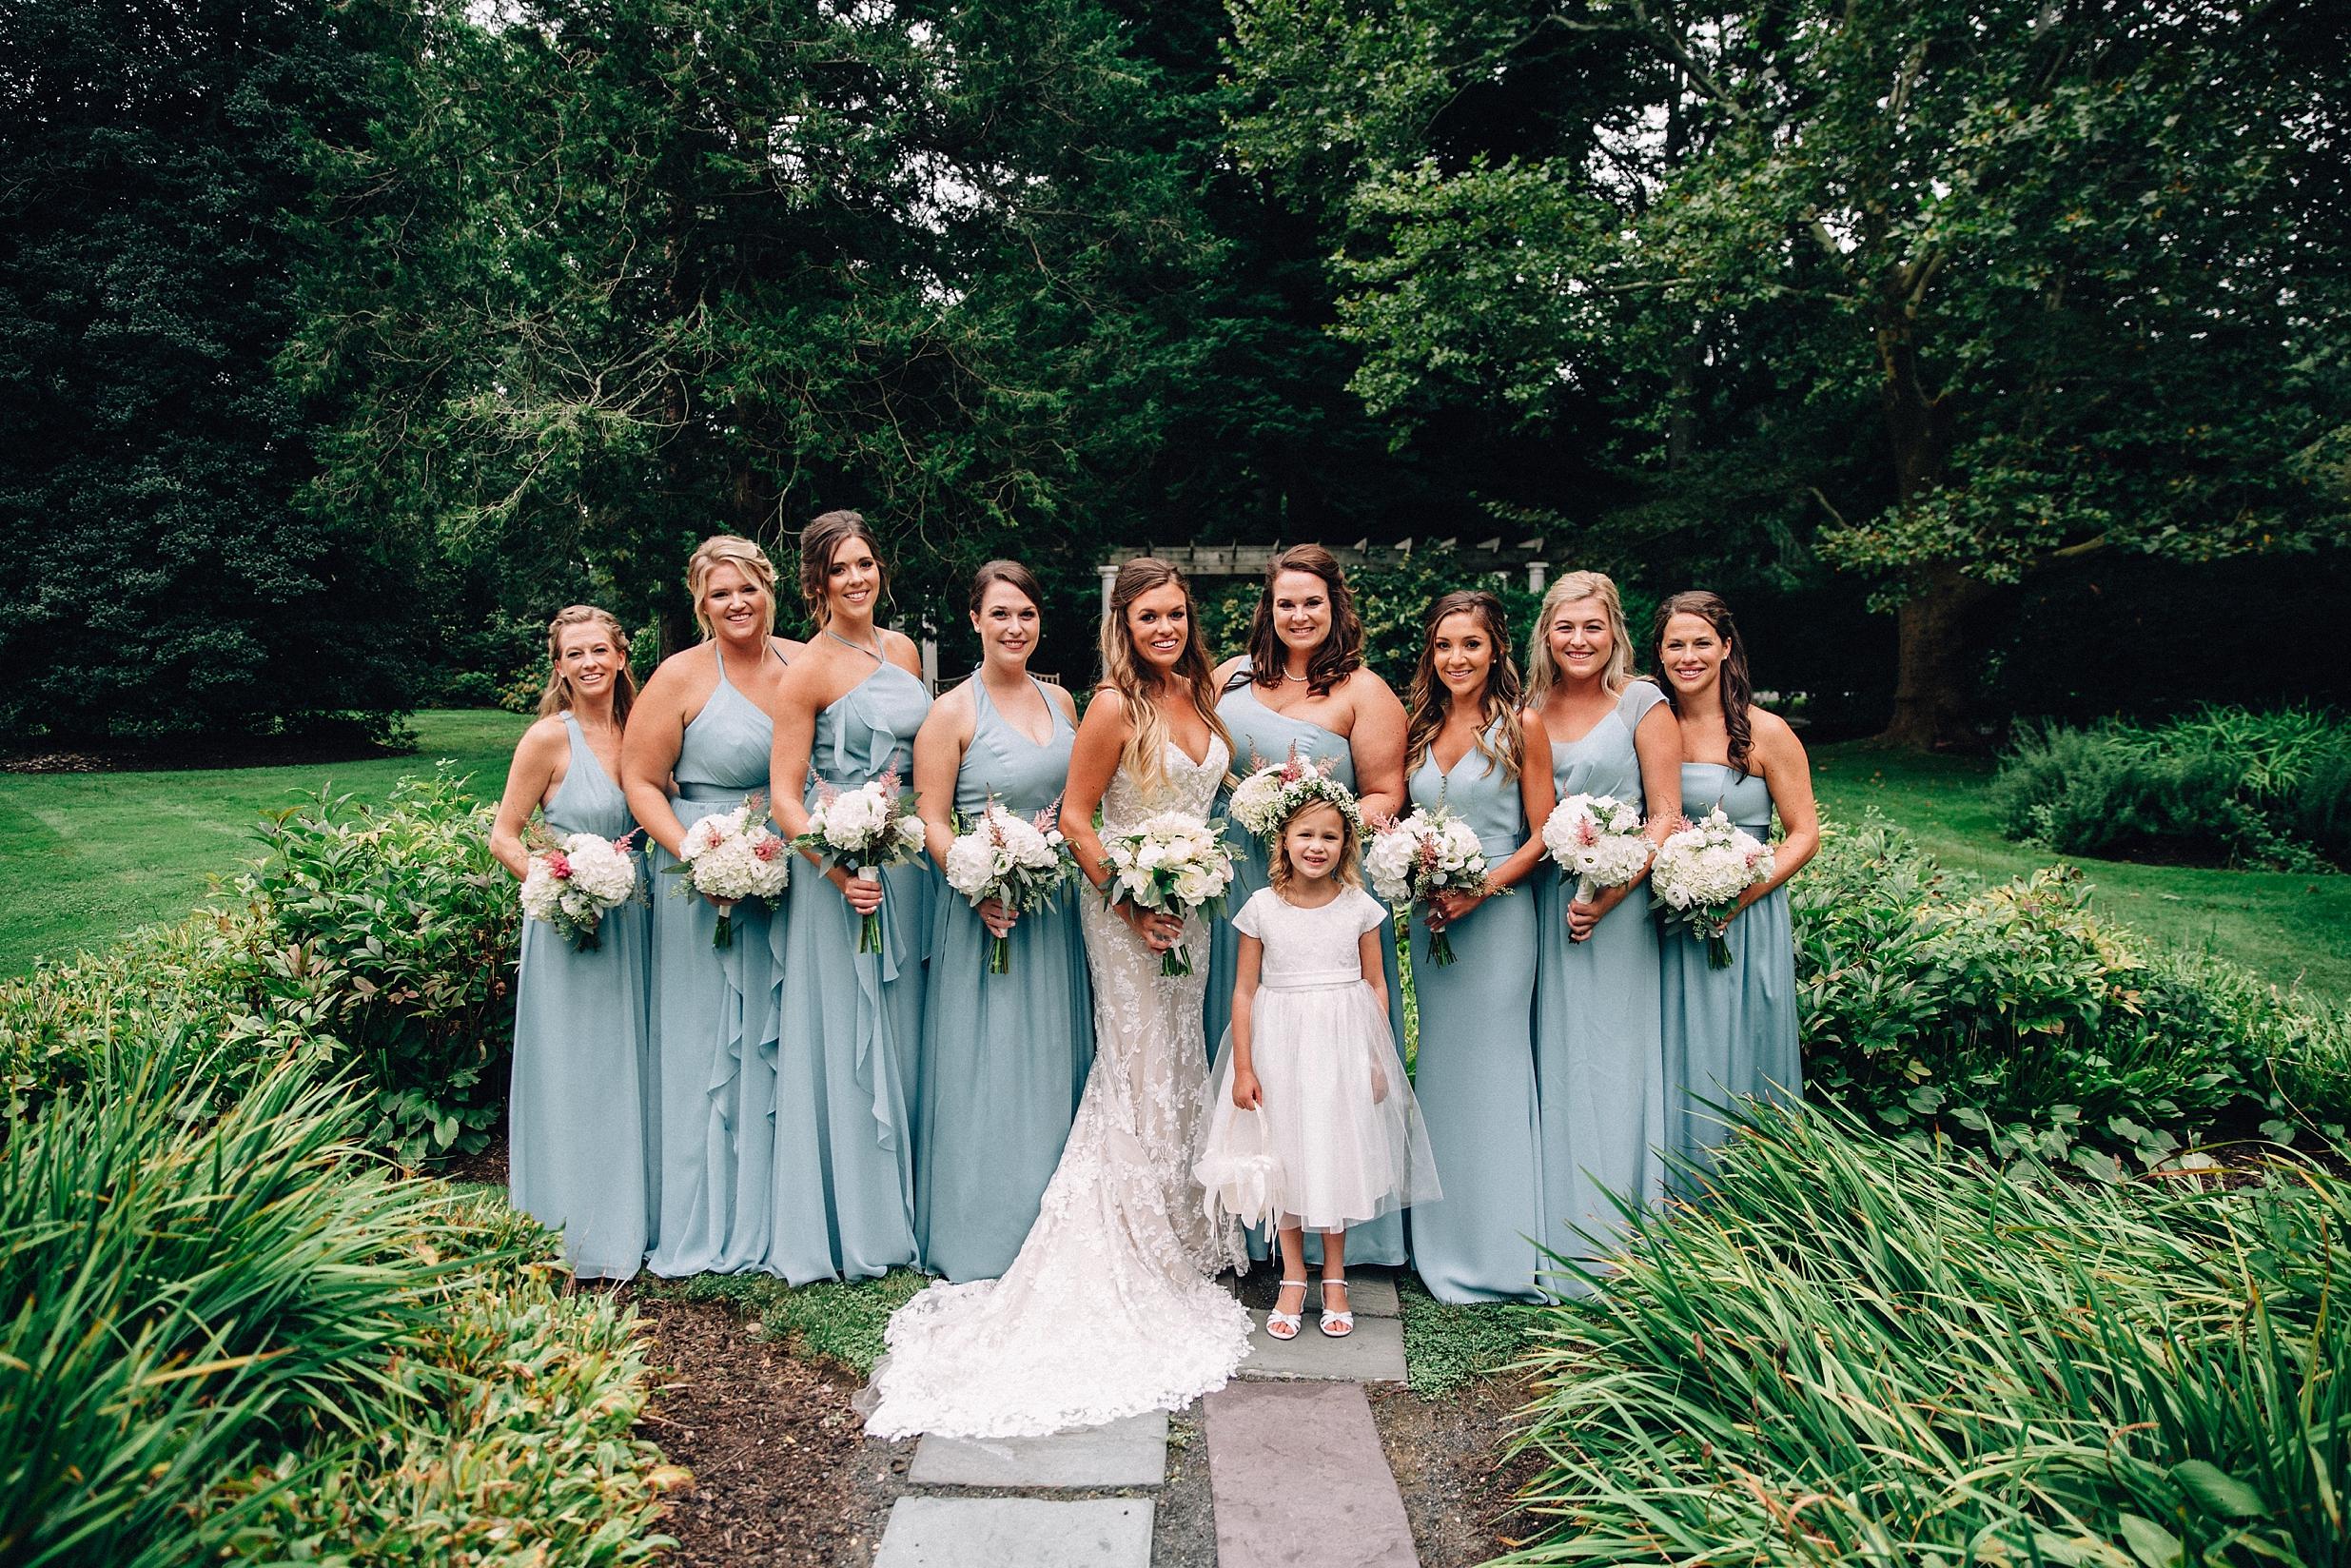 jersey-outdoor-ceremony-wedding-navasink-monmouth-rumson_0028.jpg